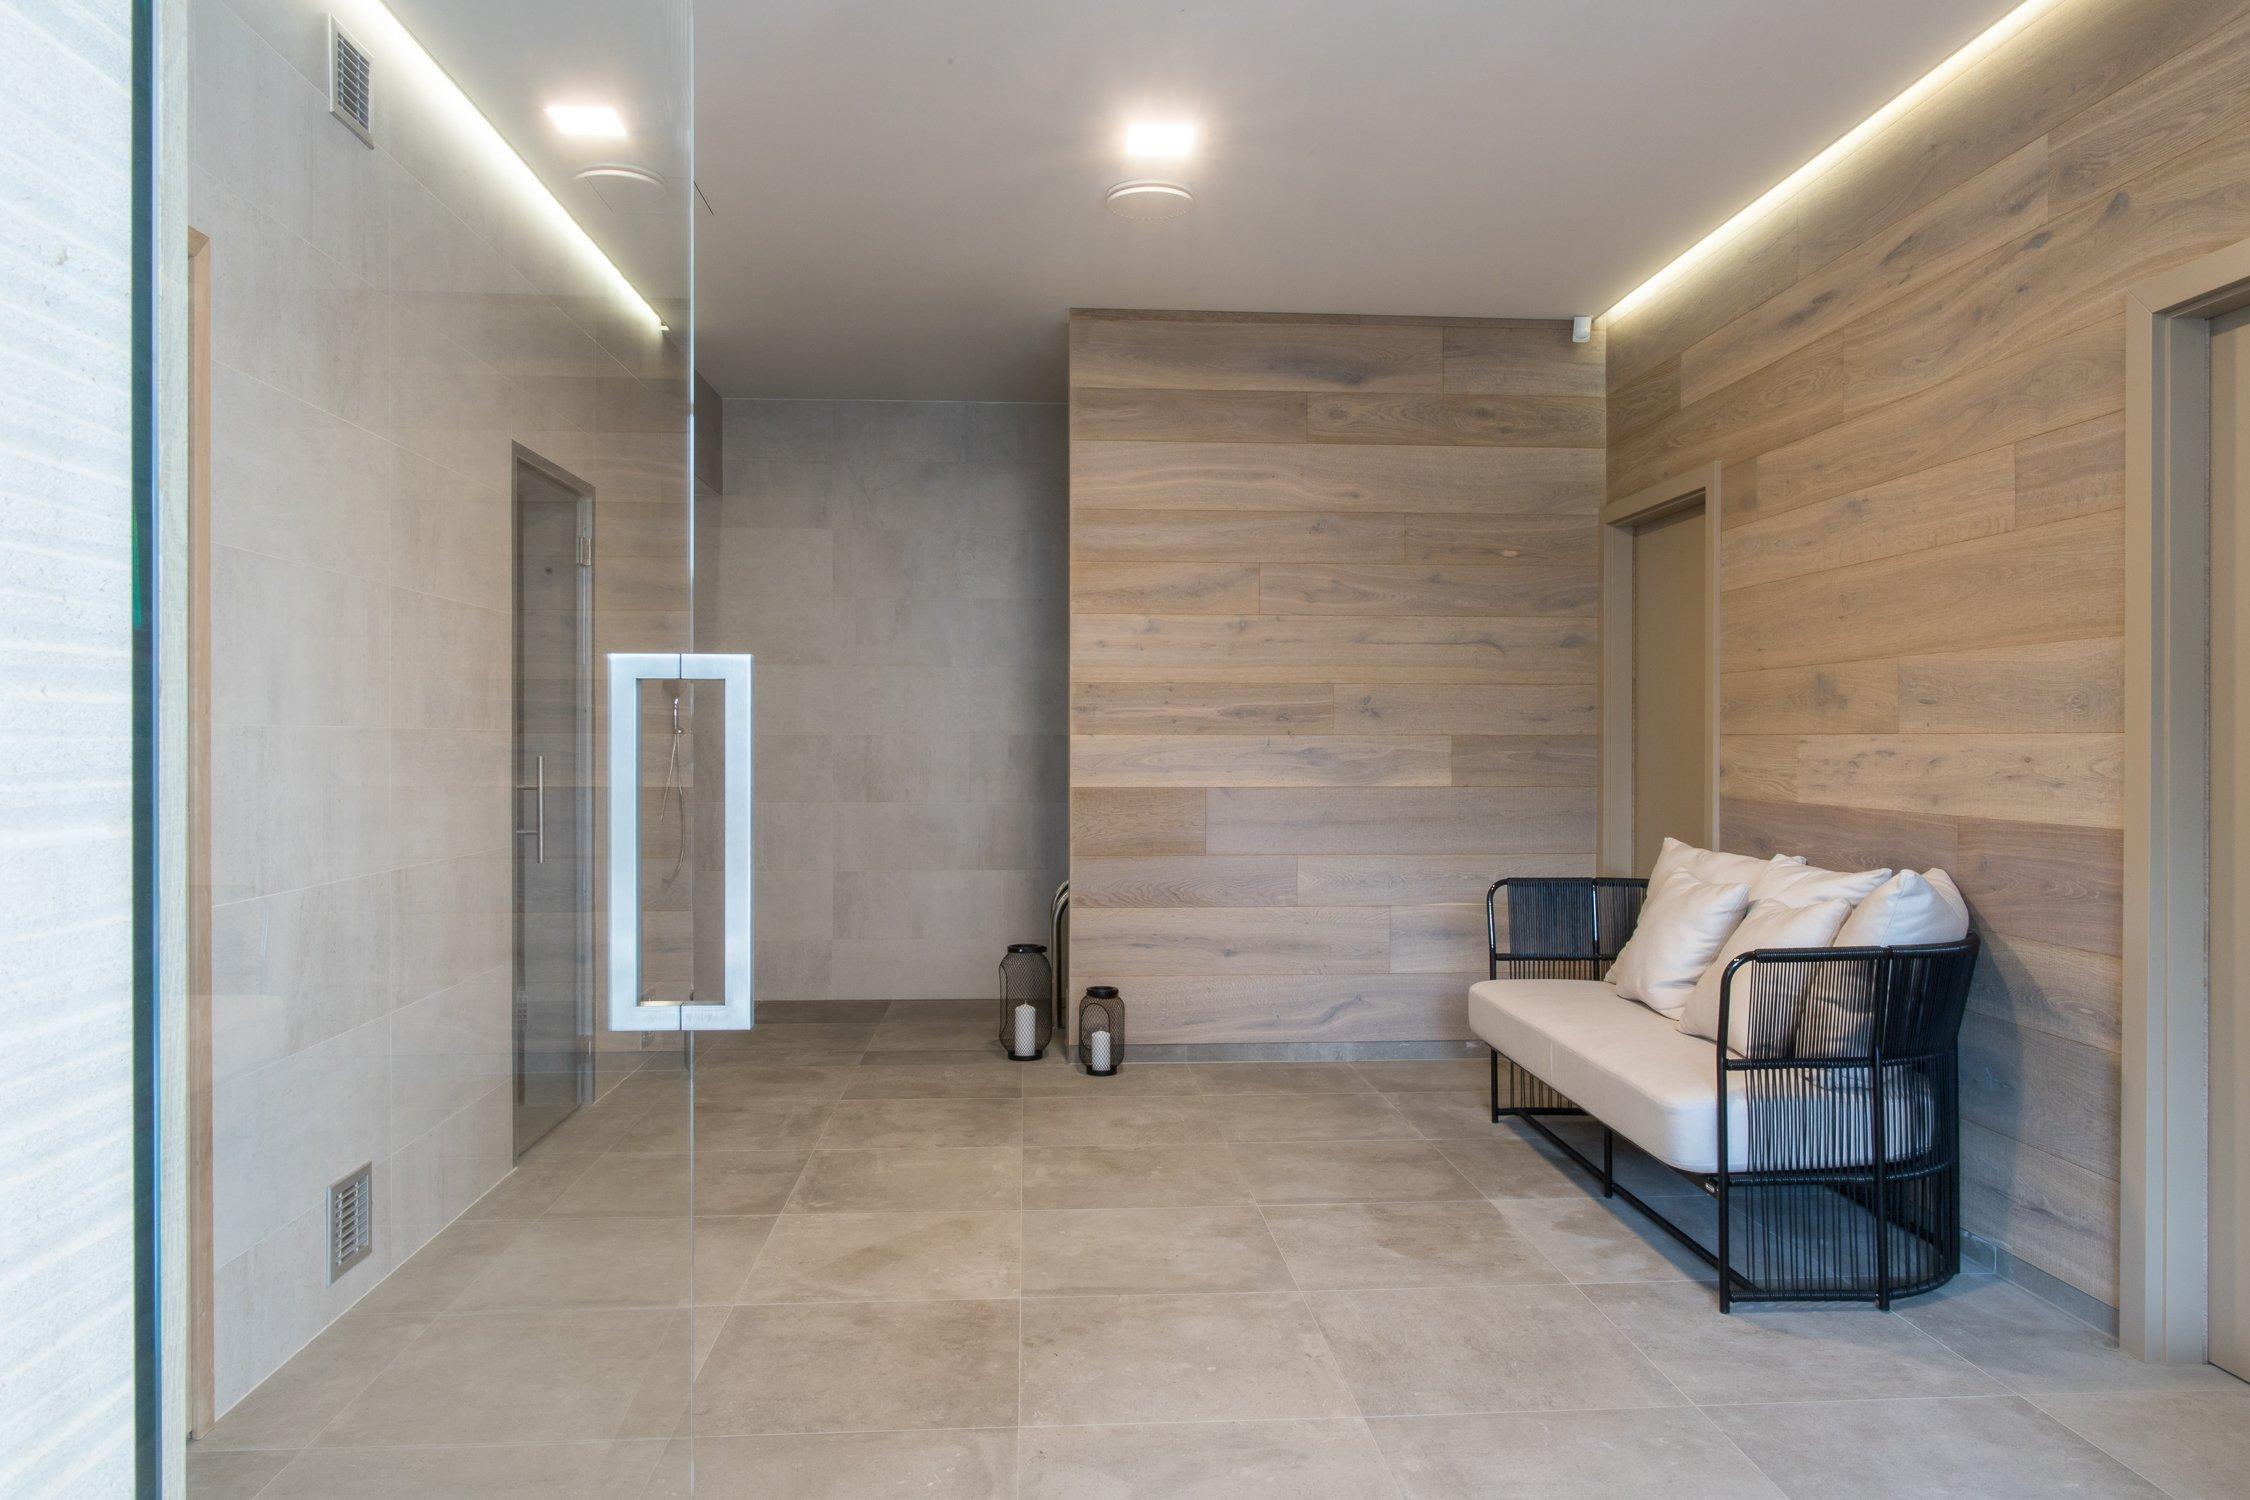 Představme si jednu z posledních realizací. Realizace moderníwellness zóny včetně dodávky obkladů, dlažeb a mozaiek.